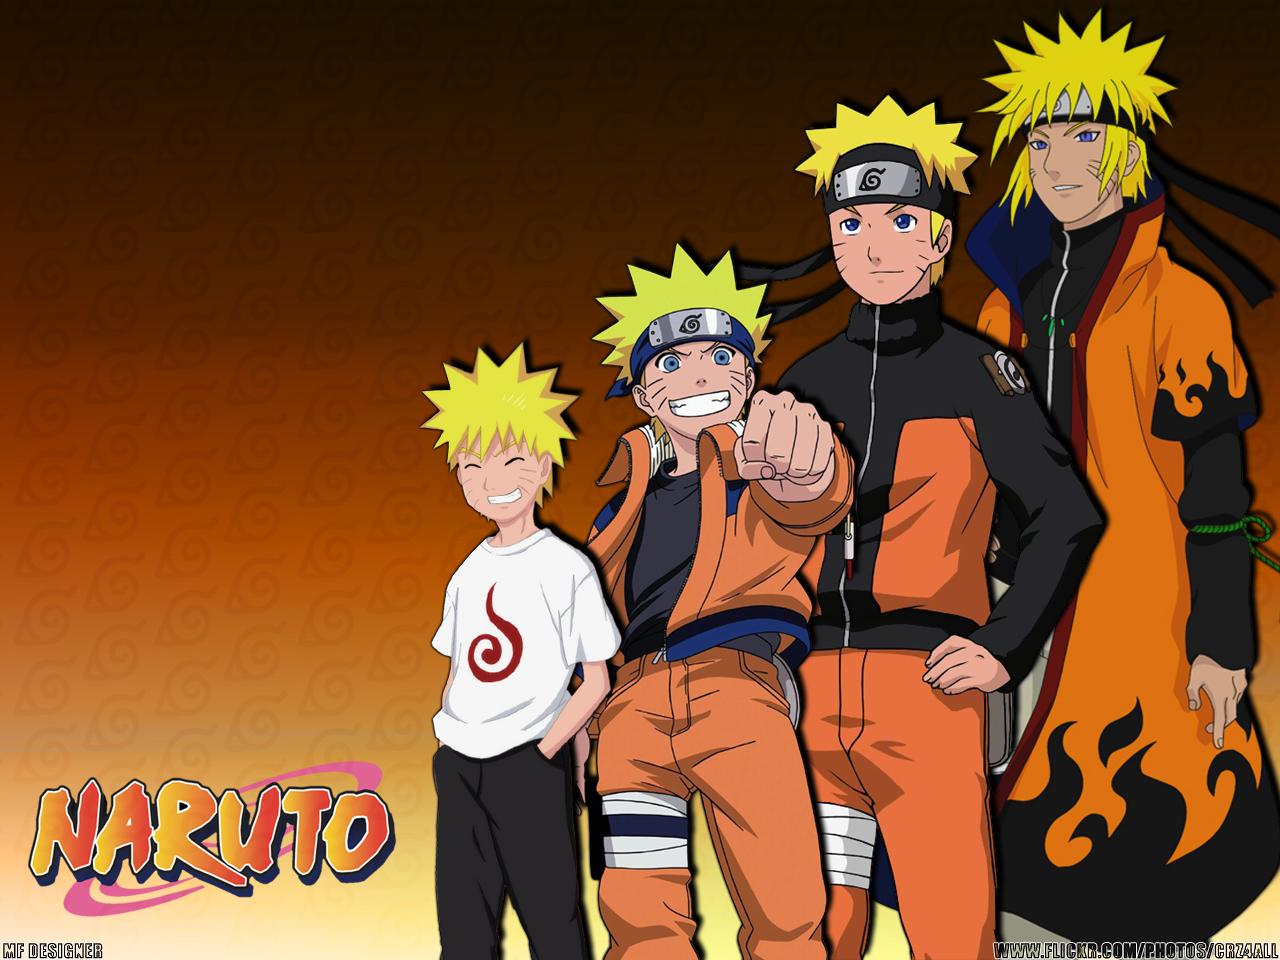 Galeri Gambar Naruto Shippuden Terbaru